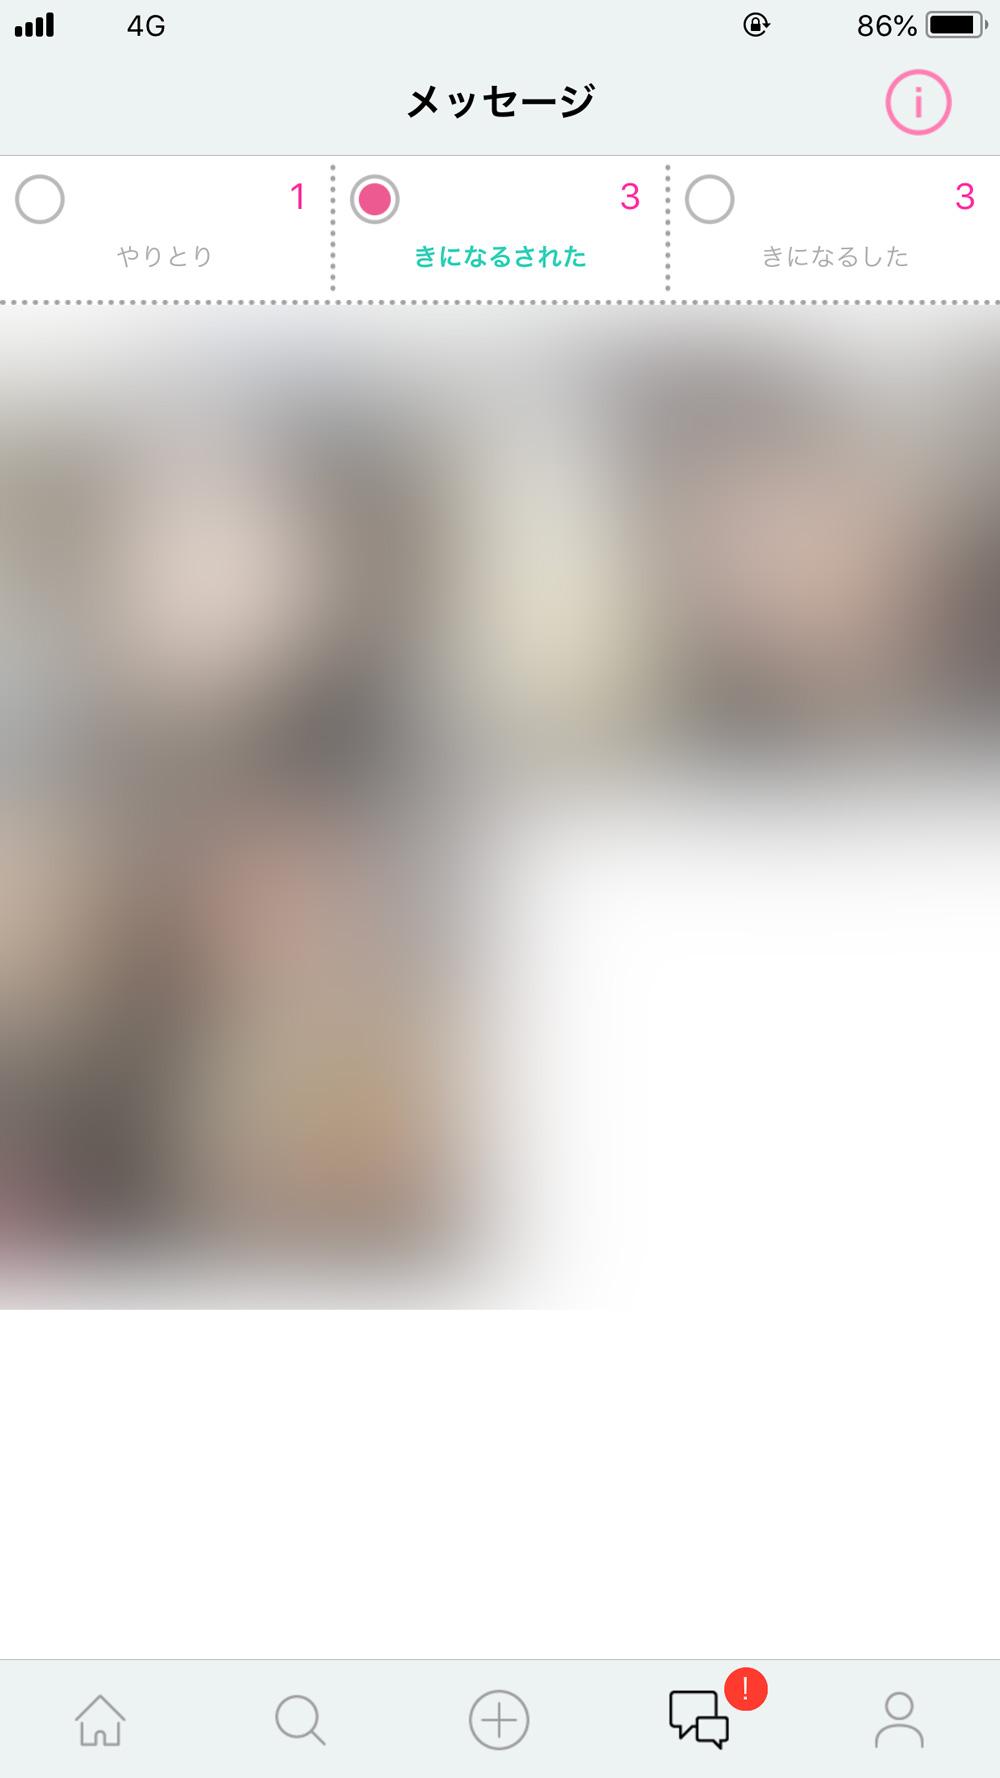 【Dating】デーティングアプリ『Dating(デーティング)のメッセージ画面のイメージ